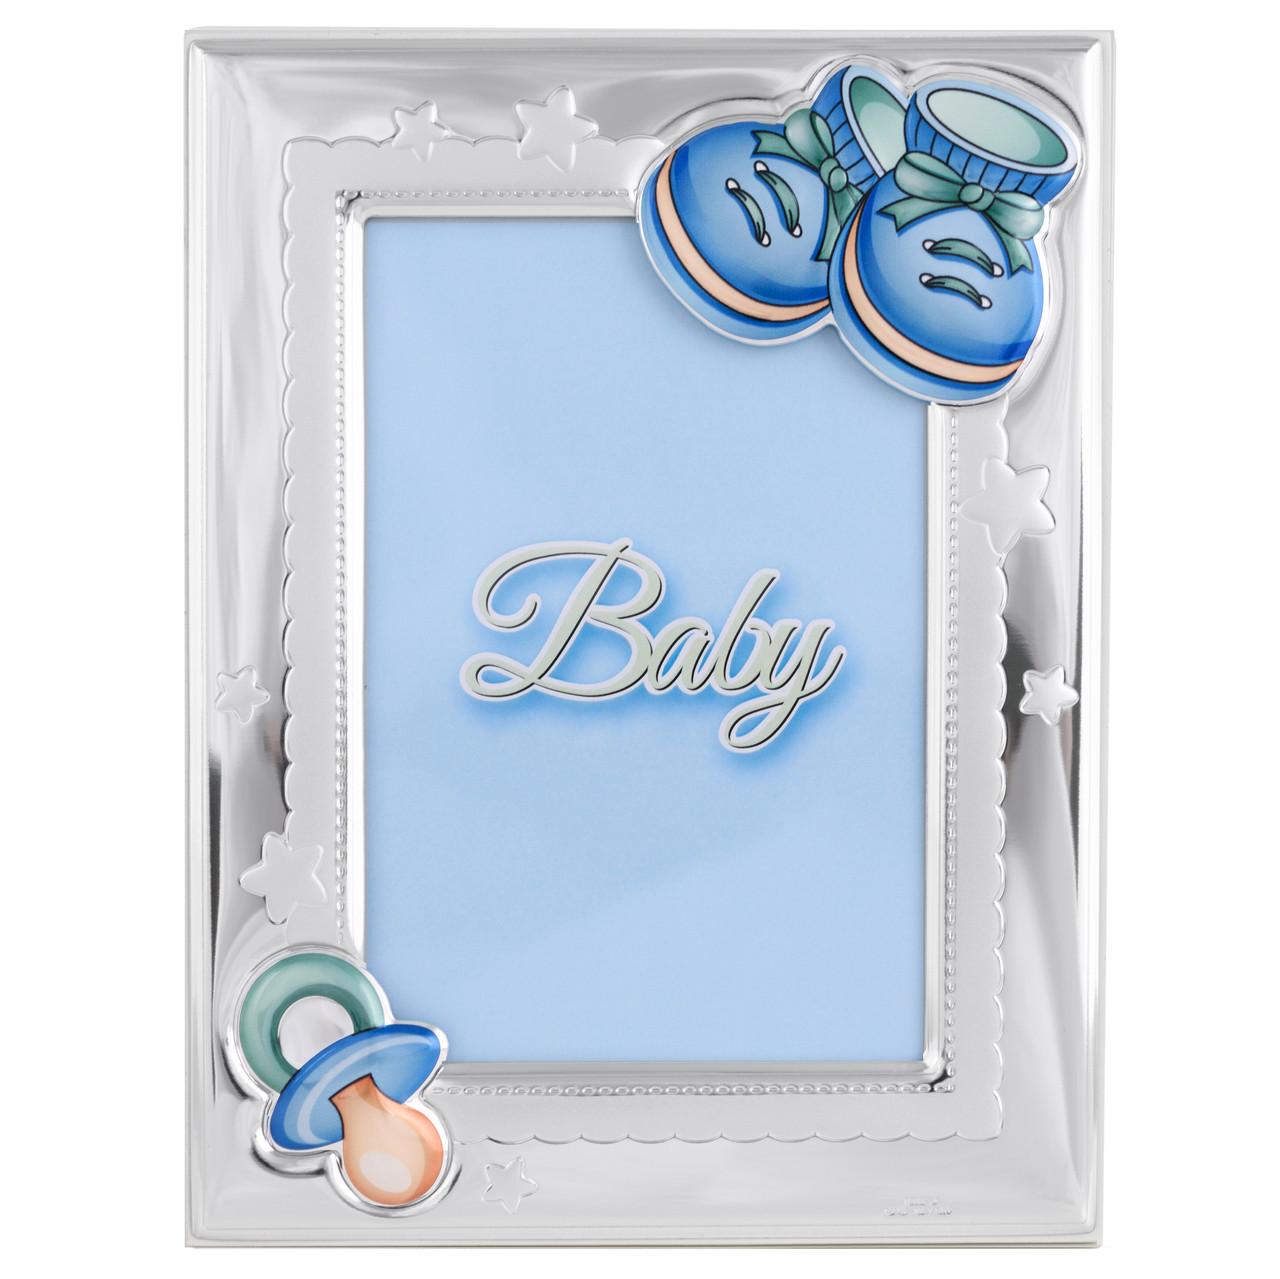 """Фоторамка серебряная """"Tiffany baby style"""" (фото 9x13см) 73116 3LC"""